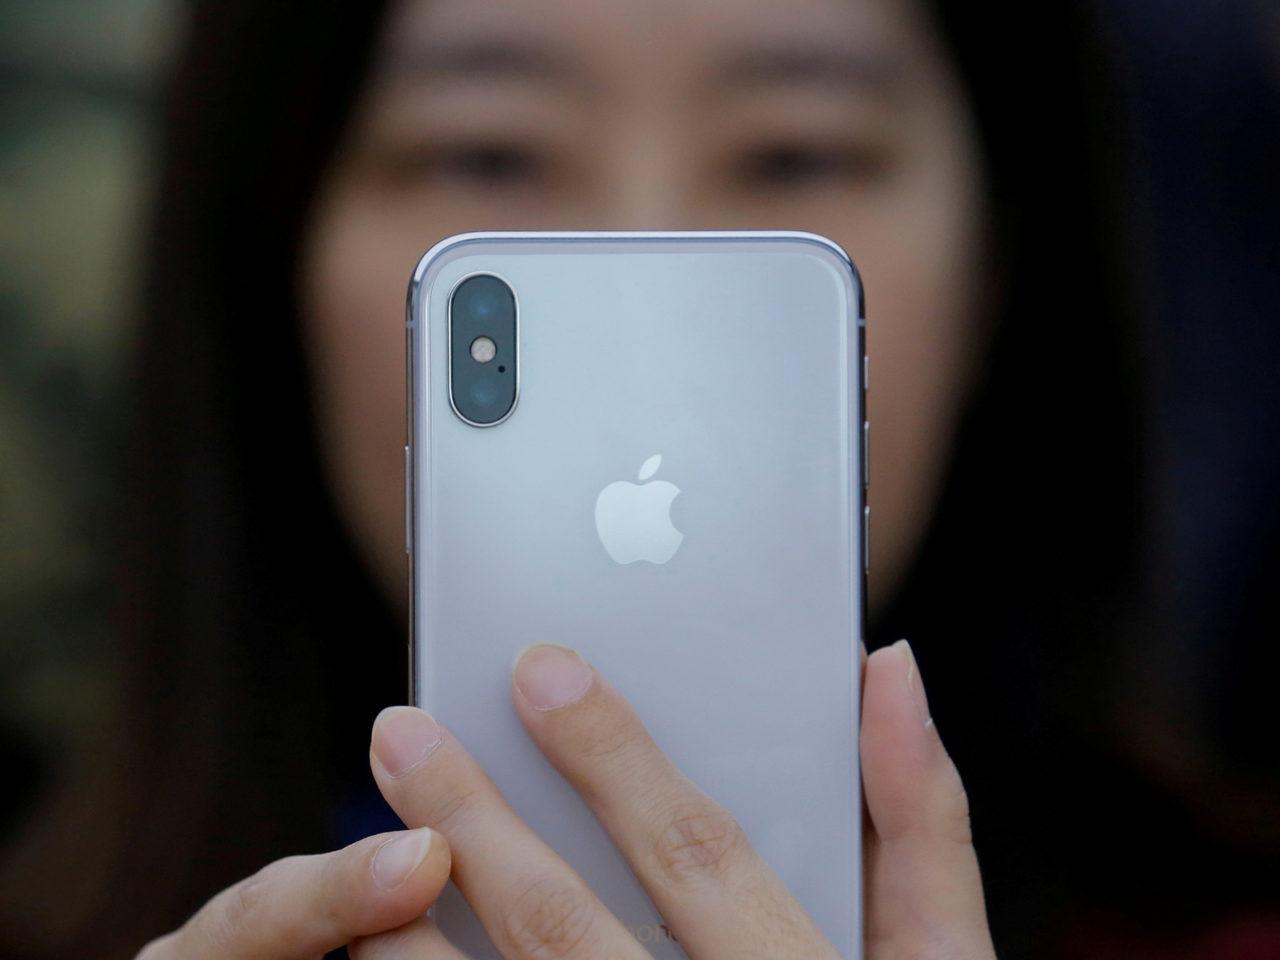 Блогер собрал iPhone X из купленных на китайских рынках запчастей - фото 1 | Сервисный центр Total Apple